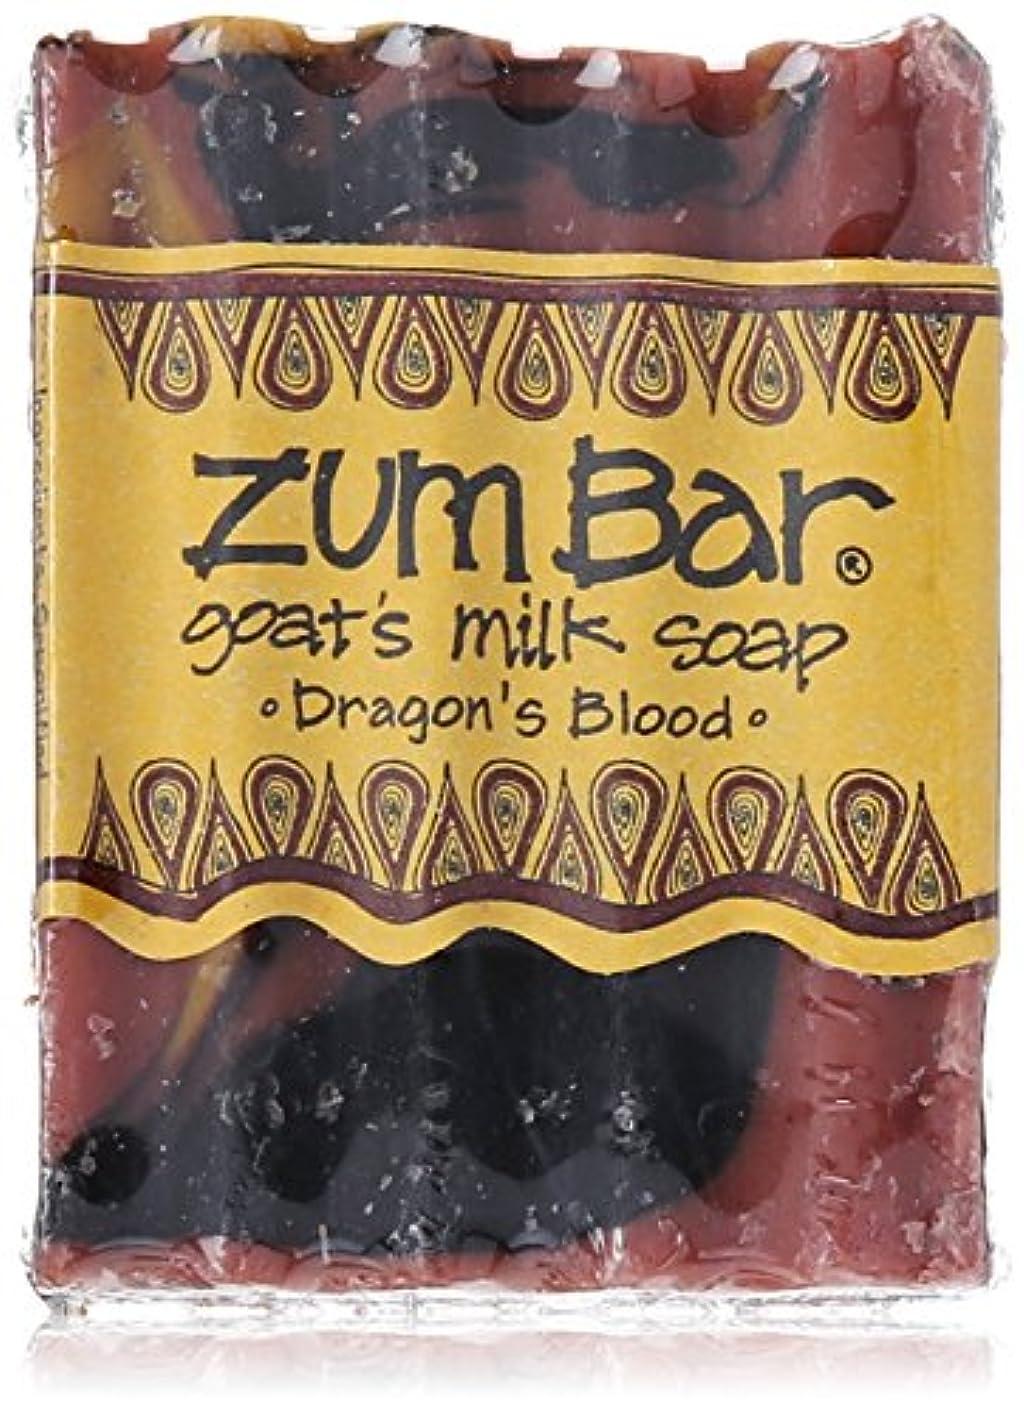 動機付ける侮辱上に築きます海外直送品 Indigo Wild, Zum Bar, Goat's ミルク ソープ ドラゴン ブラッド , 3 Ounces (2個セット) (Dragon's Blood) [並行輸入品]